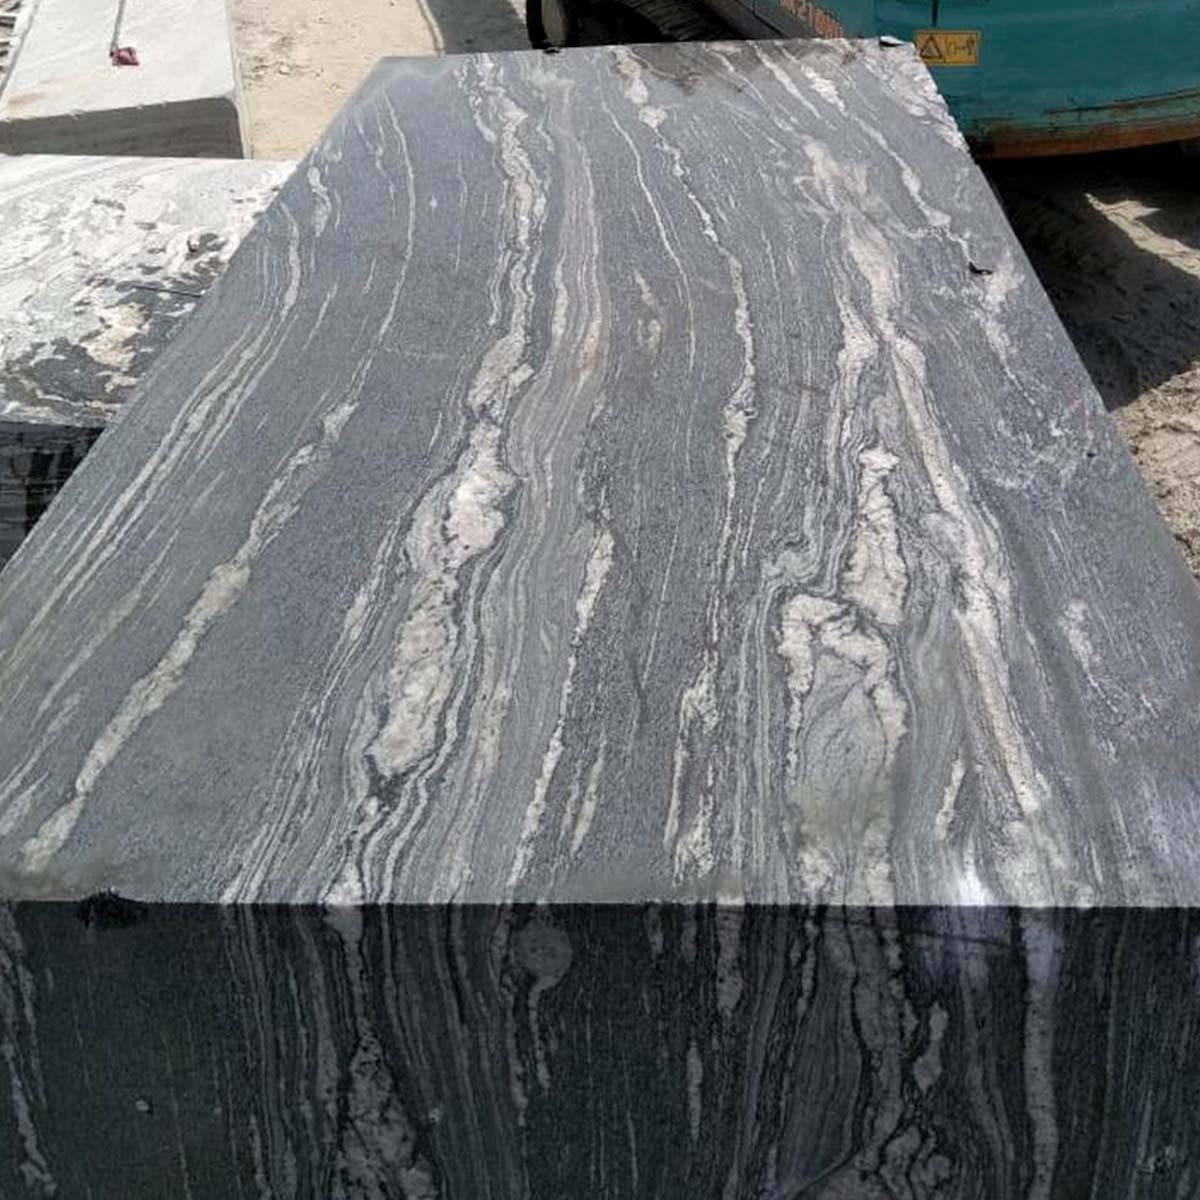 Black Granite Blocks Zebra Stripes From Granite Supplier